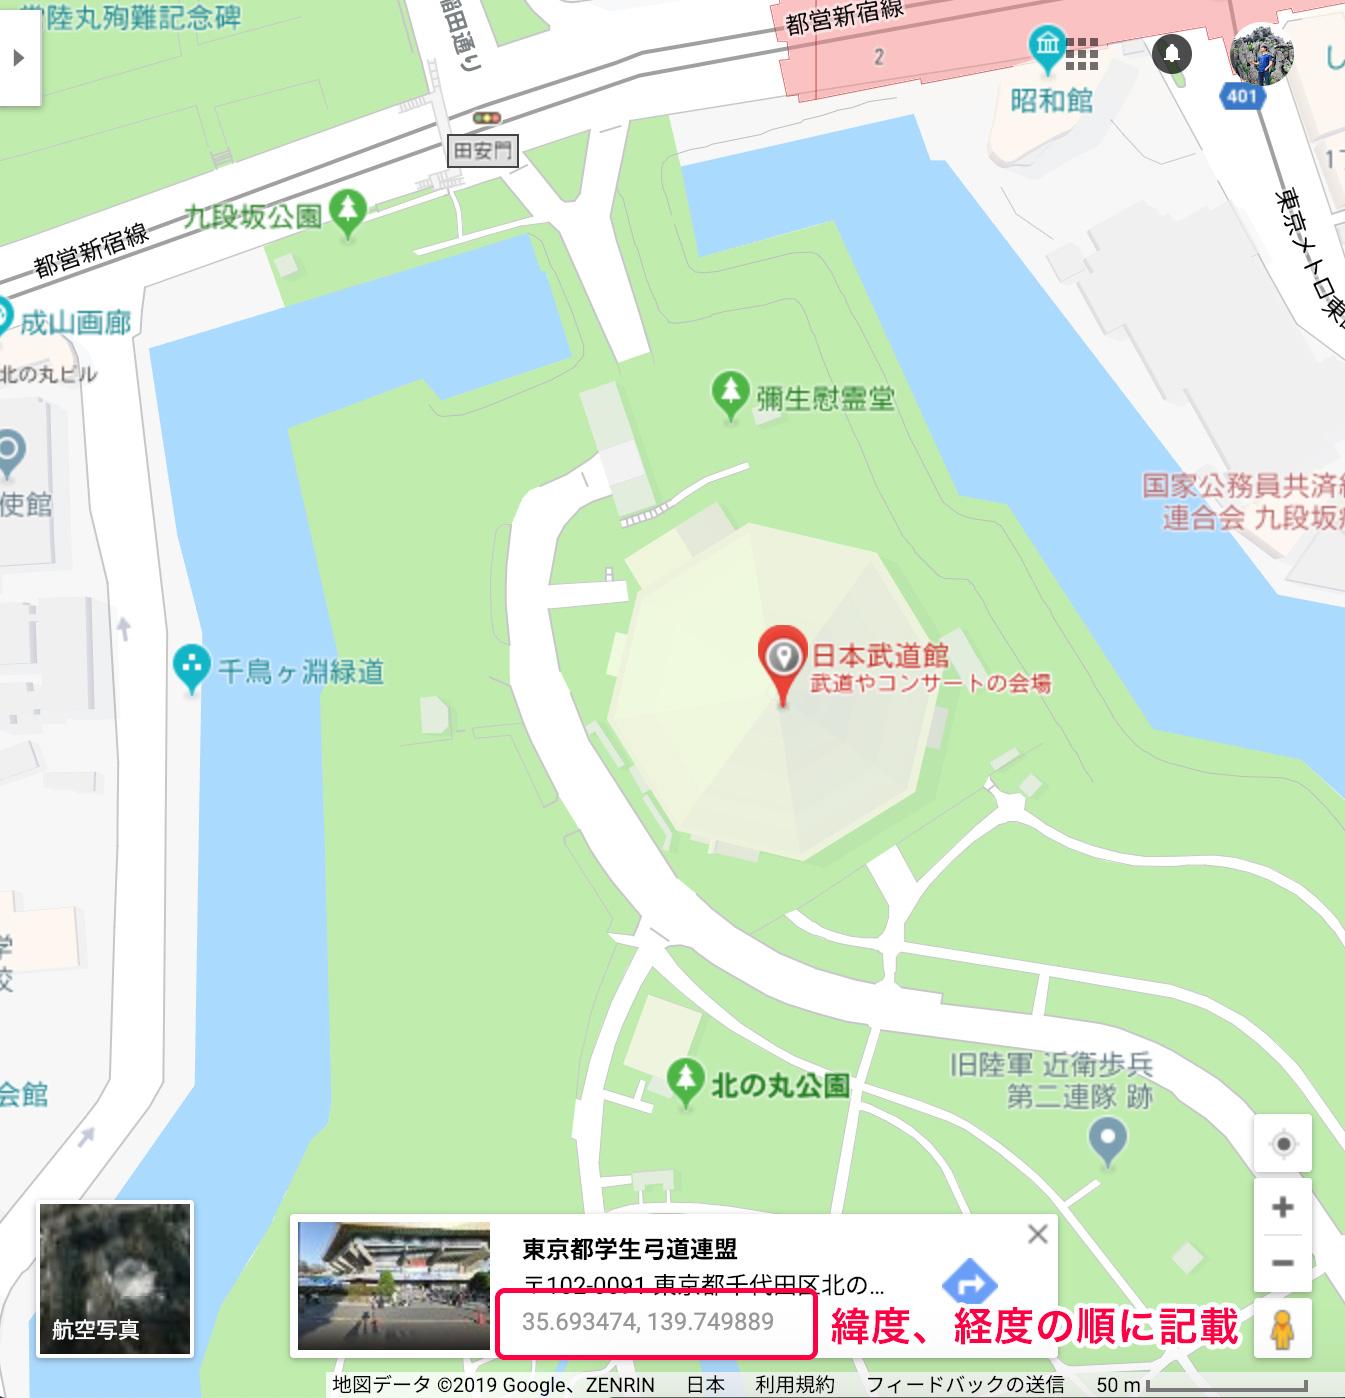 GoogleMapで緯度、経度の表示例